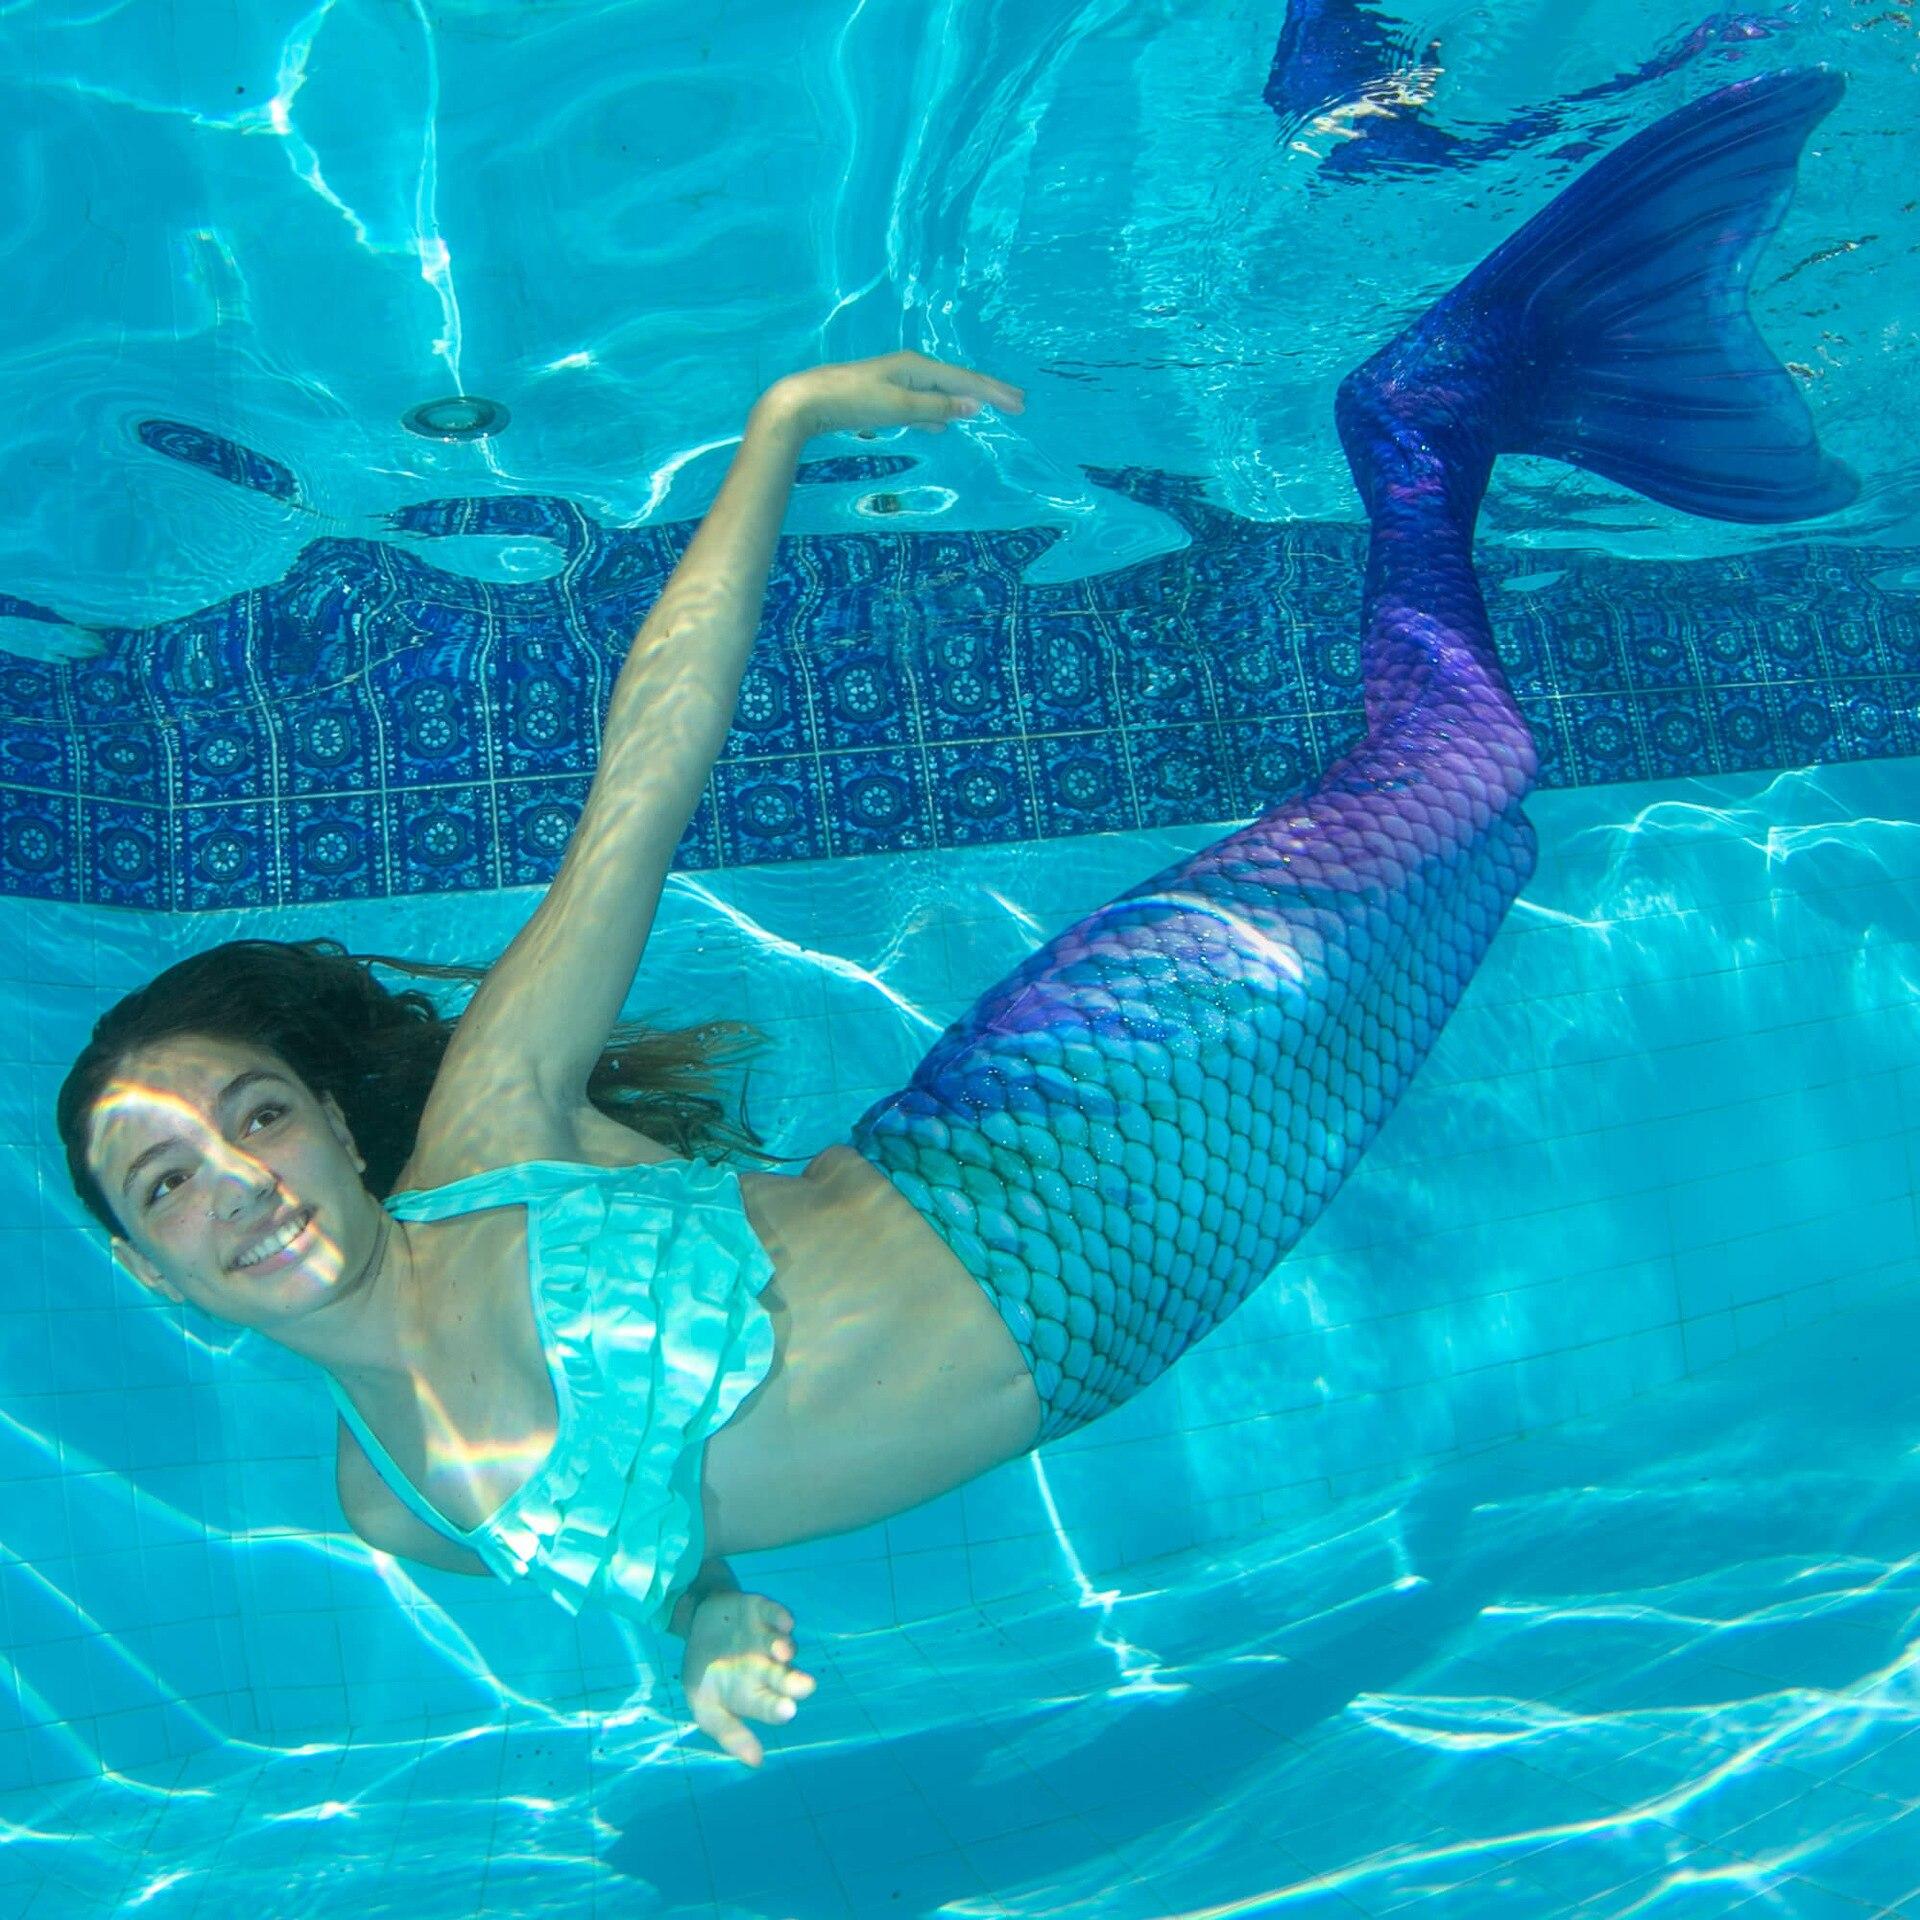 Femmes fille sirène queues pour été baignade plage natation maillot de bain adulte enfant maillots de bain queue de sirene vêtements C28105CH